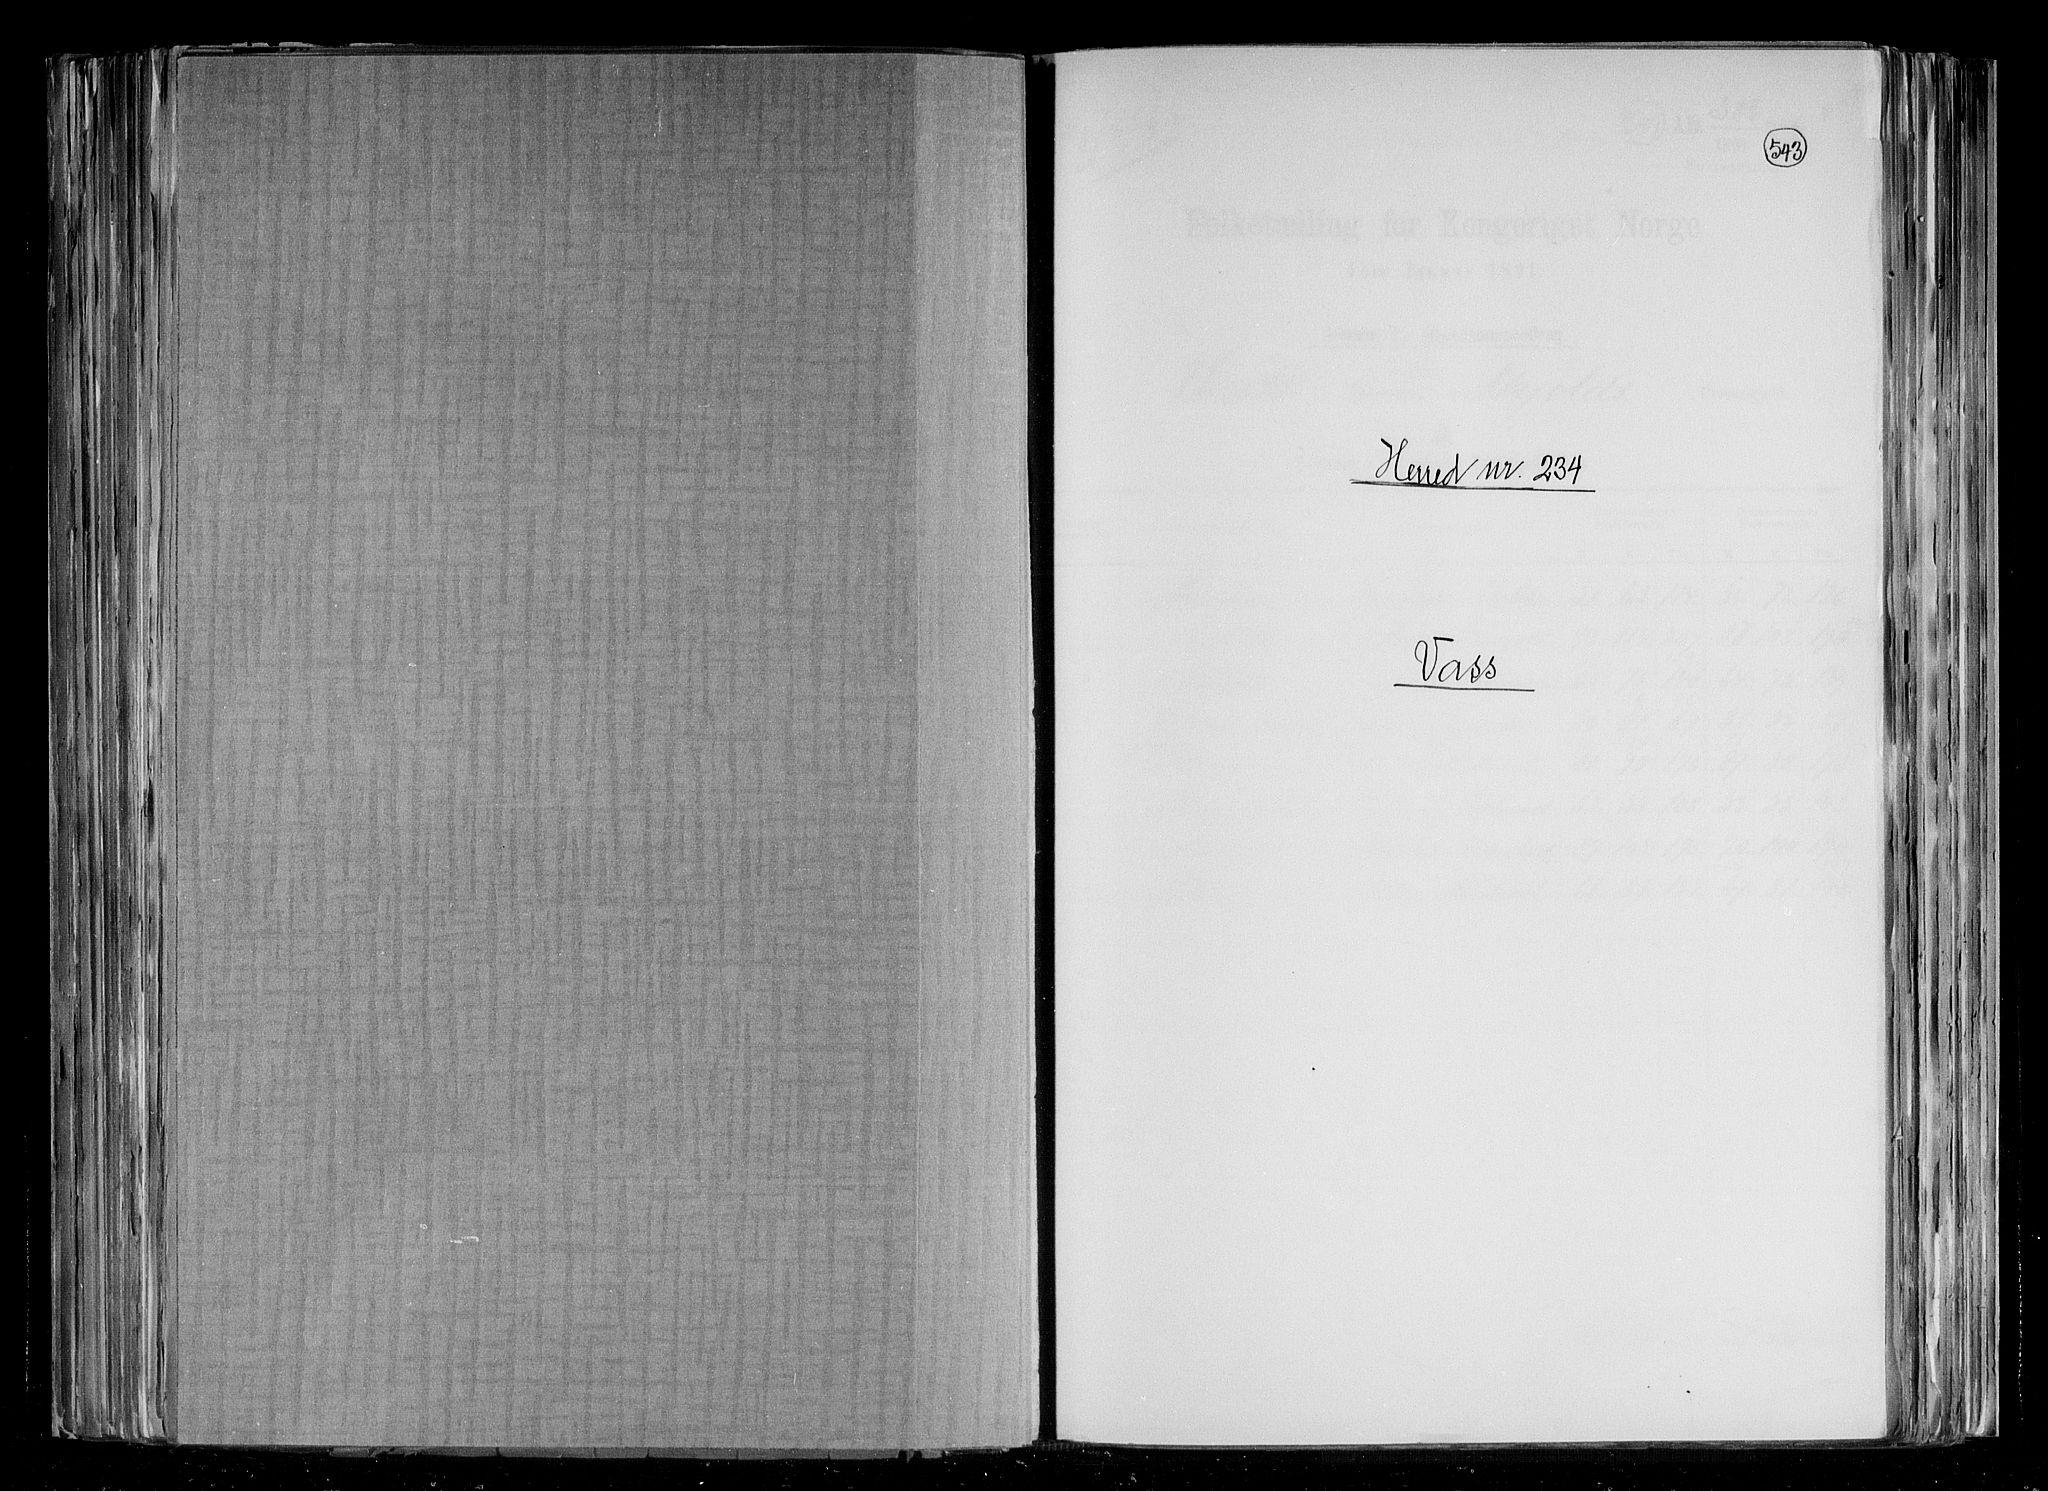 RA, Folketelling 1891 for 1155 Vats herred, 1891, s. 1